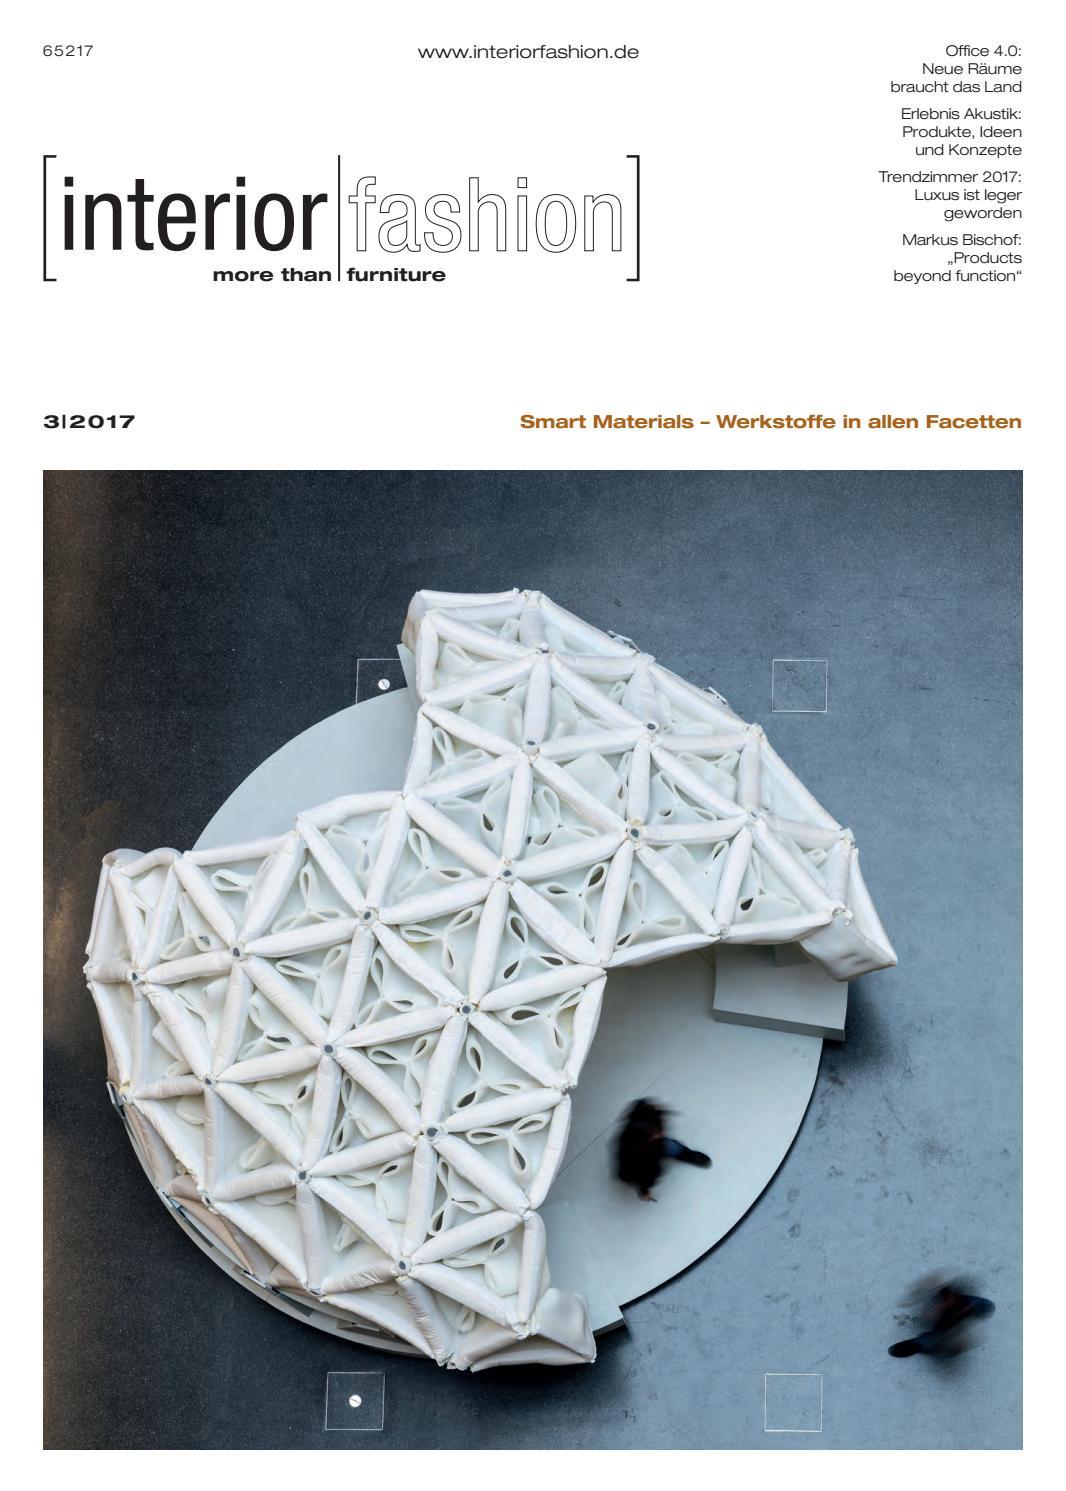 exceptional einfache dekoration und mobel fern von haworth lernen von der natur #5: Interiorfashion 3|2017 by InteriorFashion - issuu